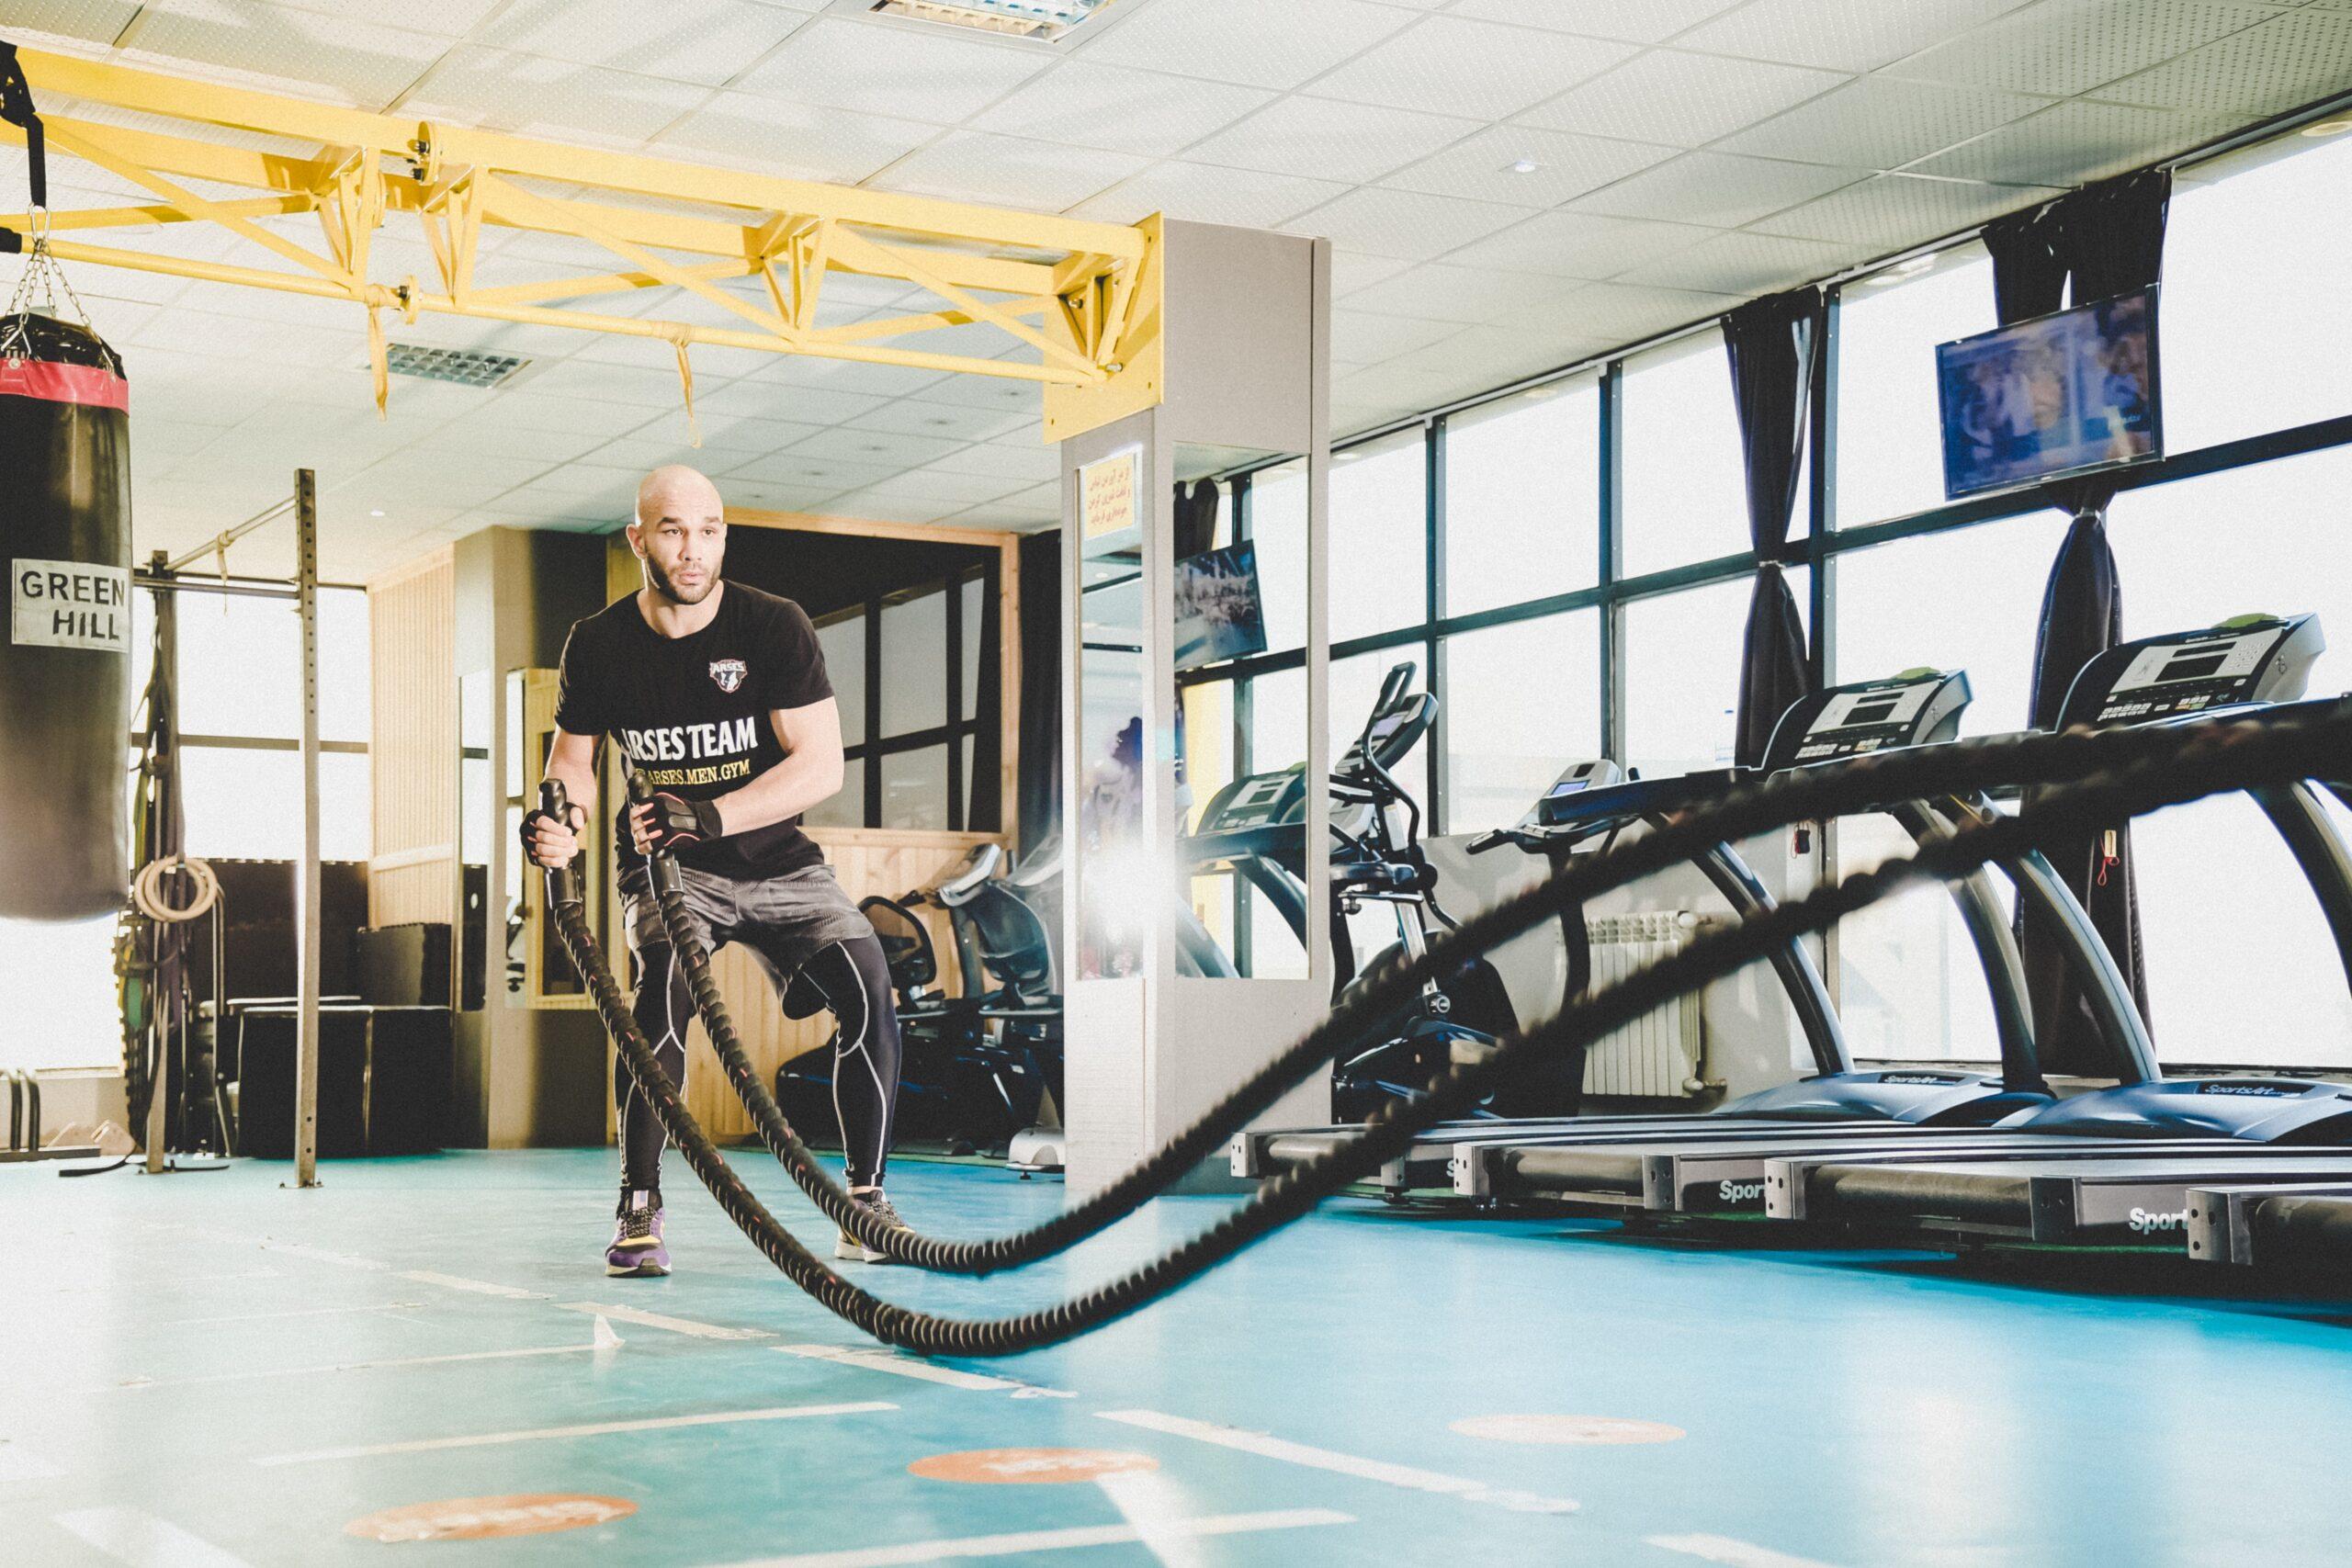 Gratis fitnessen voor jongeren